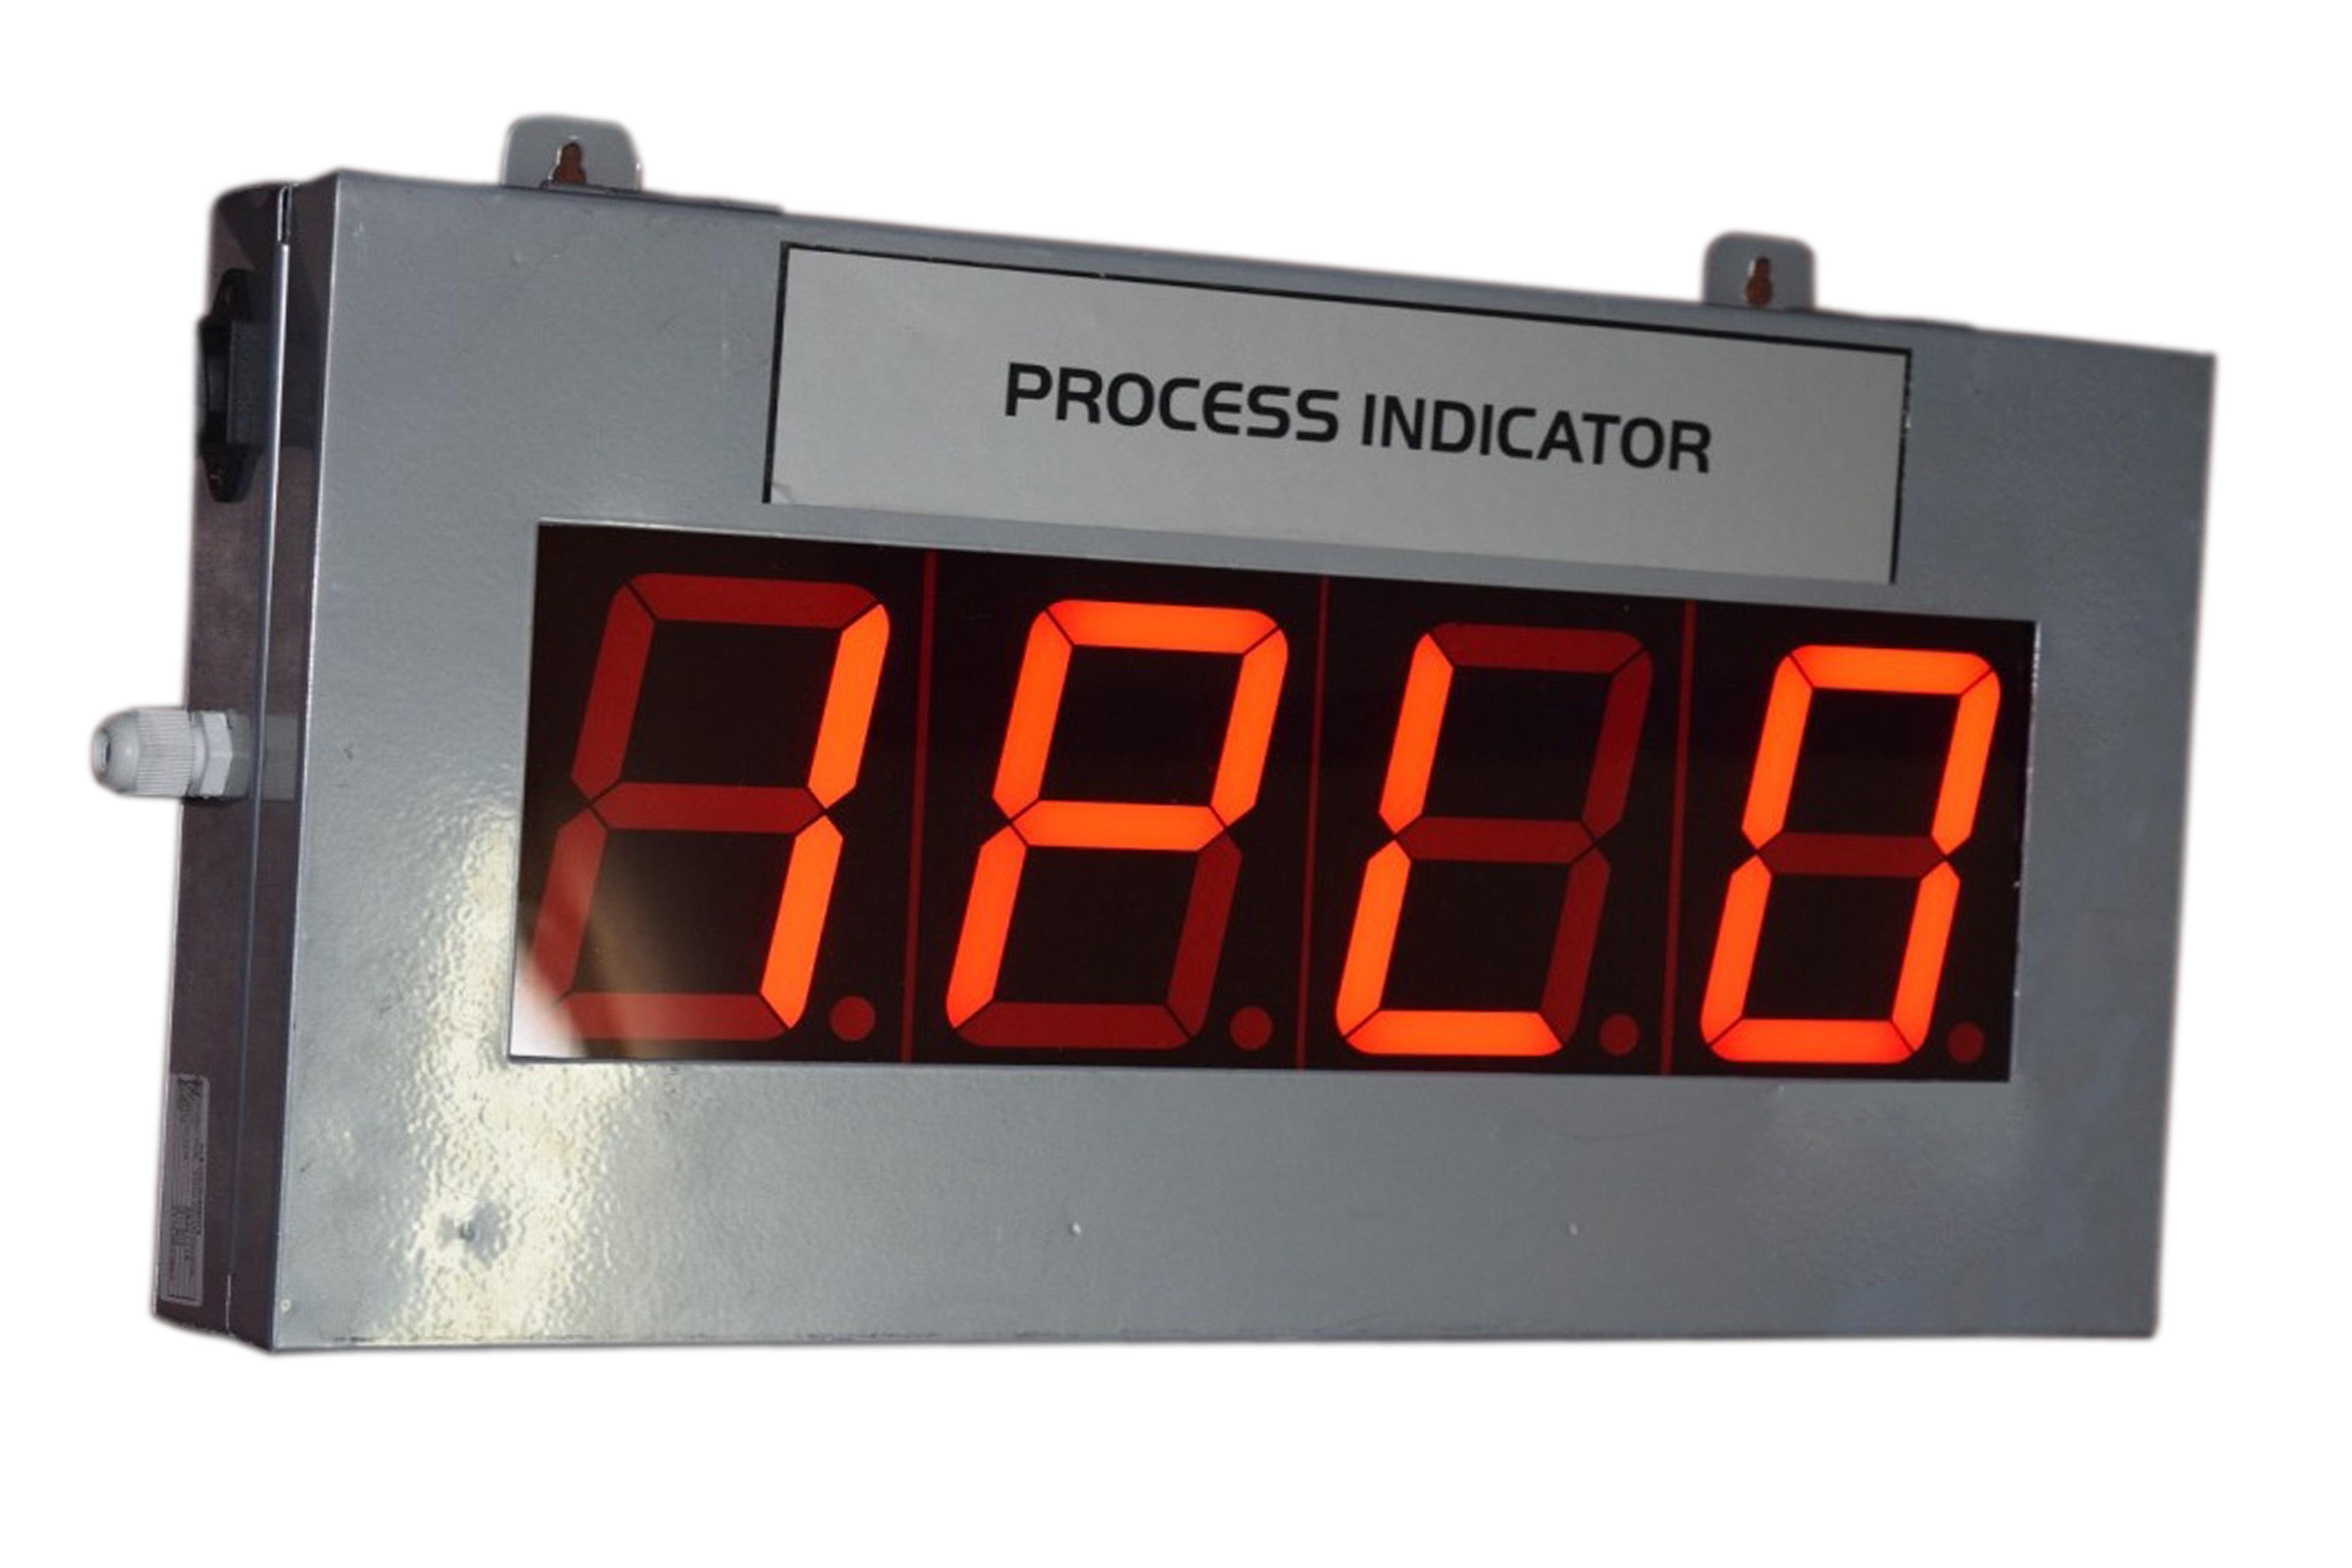 Ace Jumbo Display, AI-04C, Indicator Controller